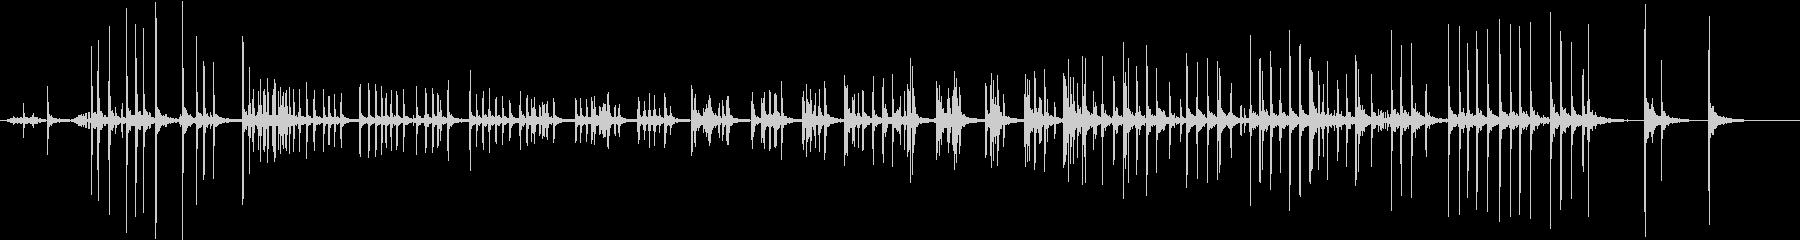 【生録音】ものをねじる音 1の未再生の波形